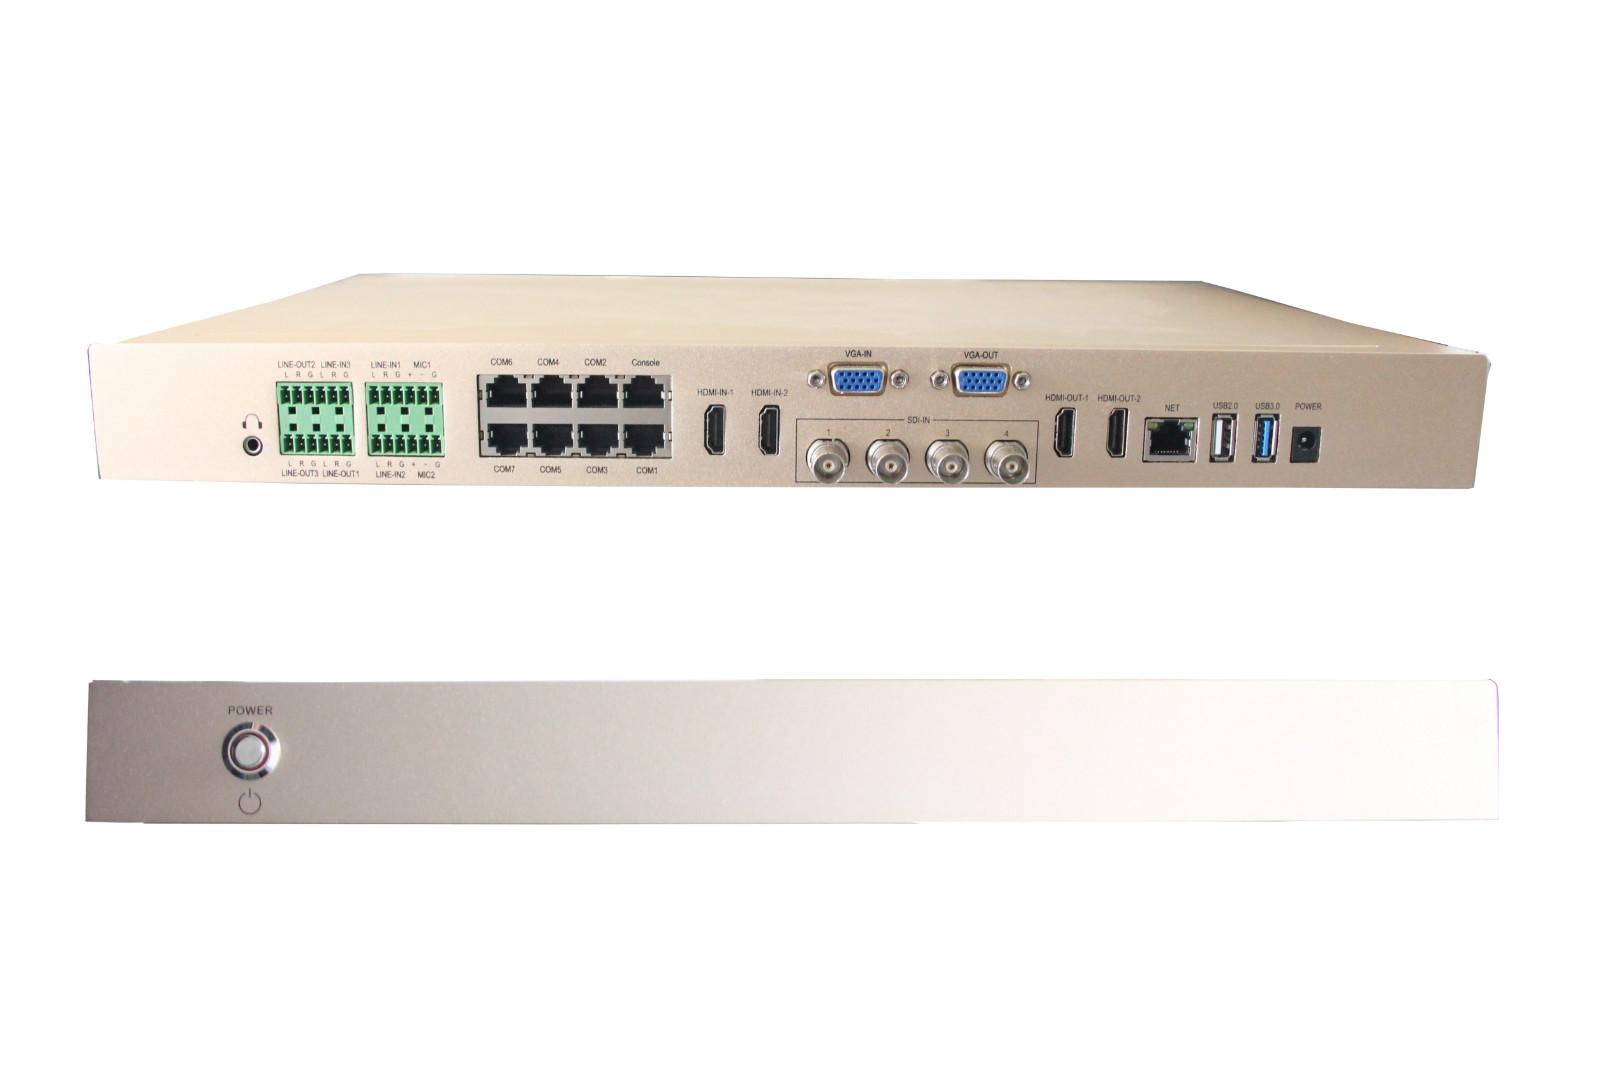 虚拟演播室,校园电视台,便携录播系统,智能录播教室,移动导播台